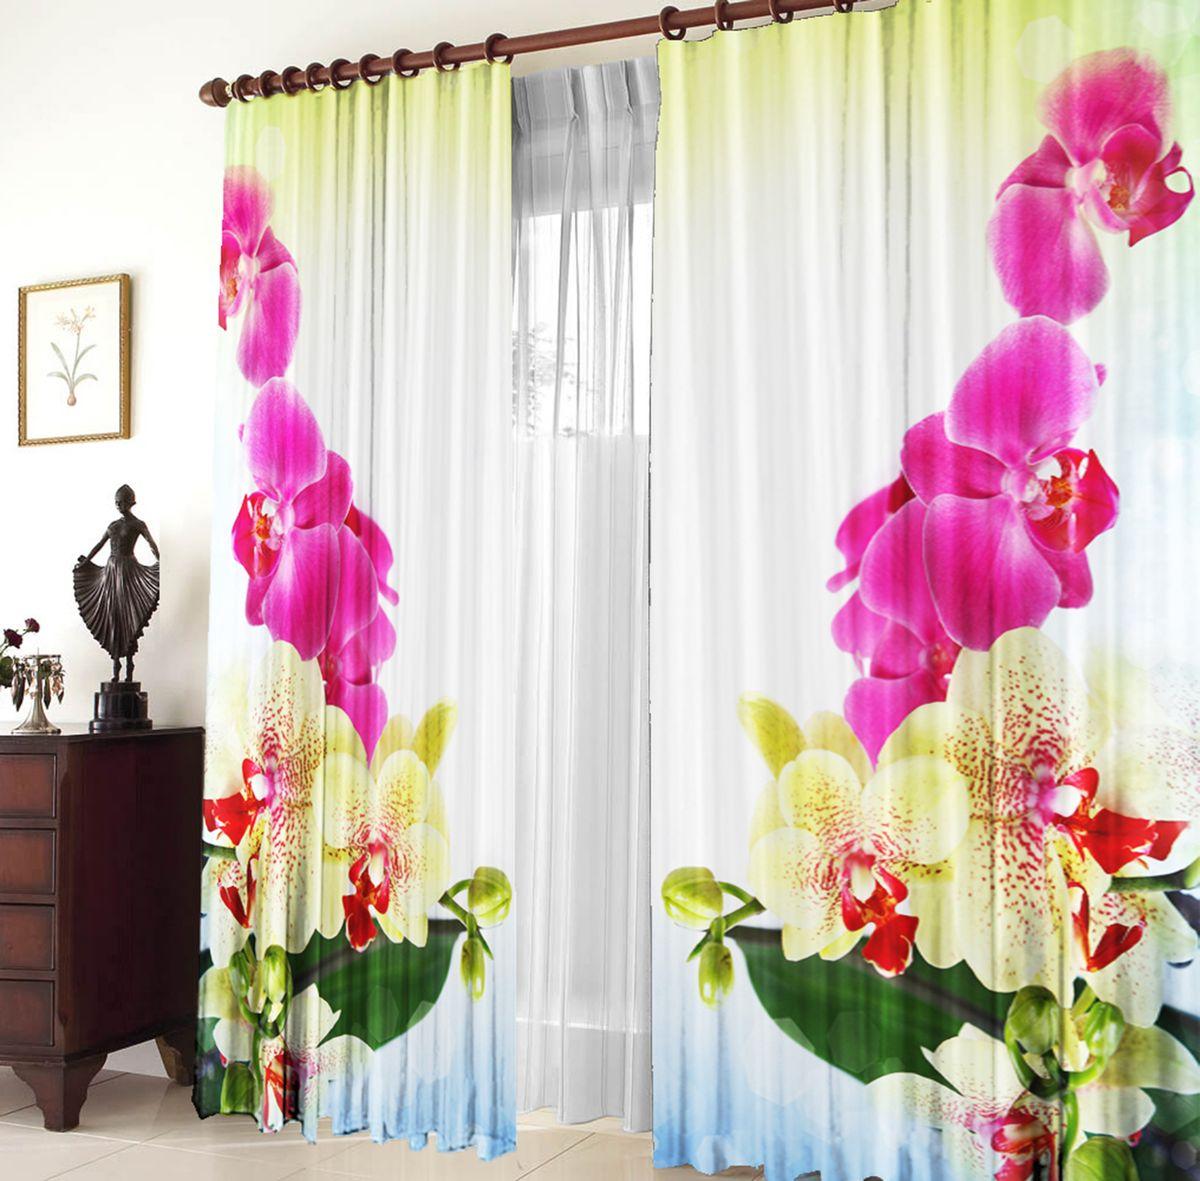 Комплект фотоштор Zlata Korunka Тигровая орхидея, на ленте, высота 270 см10503Комплект фотоштор Zlata Korunka изготовлен из габардиновой ткани высочайшего качества. Фотошторы способны не пропускать самый яркий свет, их можно гладить и стирать. Рекомендации по уходу: бережная стирка при 30°С, деликатный отжим, отбеливание запрещено, гладить при температуре не более 150°С. Светопоглощение 70%. Плотность ткани: 150 г/м2. Оттенок изделия может отличаться от представленного на сайте в силу особенностей цветопередачи фототехники и вашего монитора.